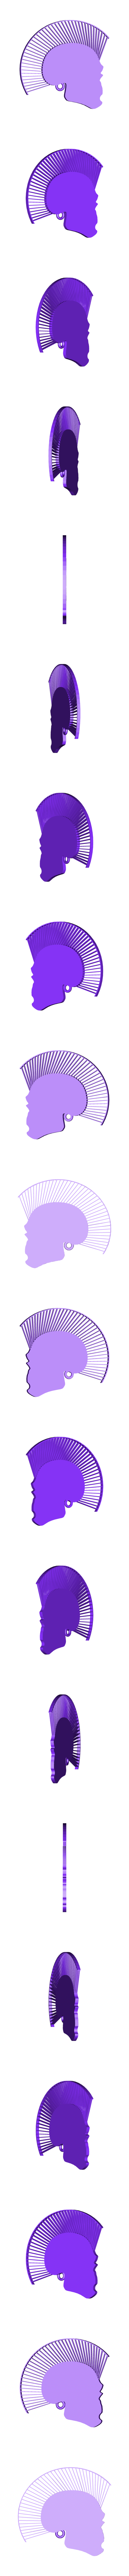 punk_hairy_1_fixed1.stl Télécharger fichier STL gratuit Porte-clés tête de mort avec cheveux • Modèle pour imprimante 3D, 3dlito